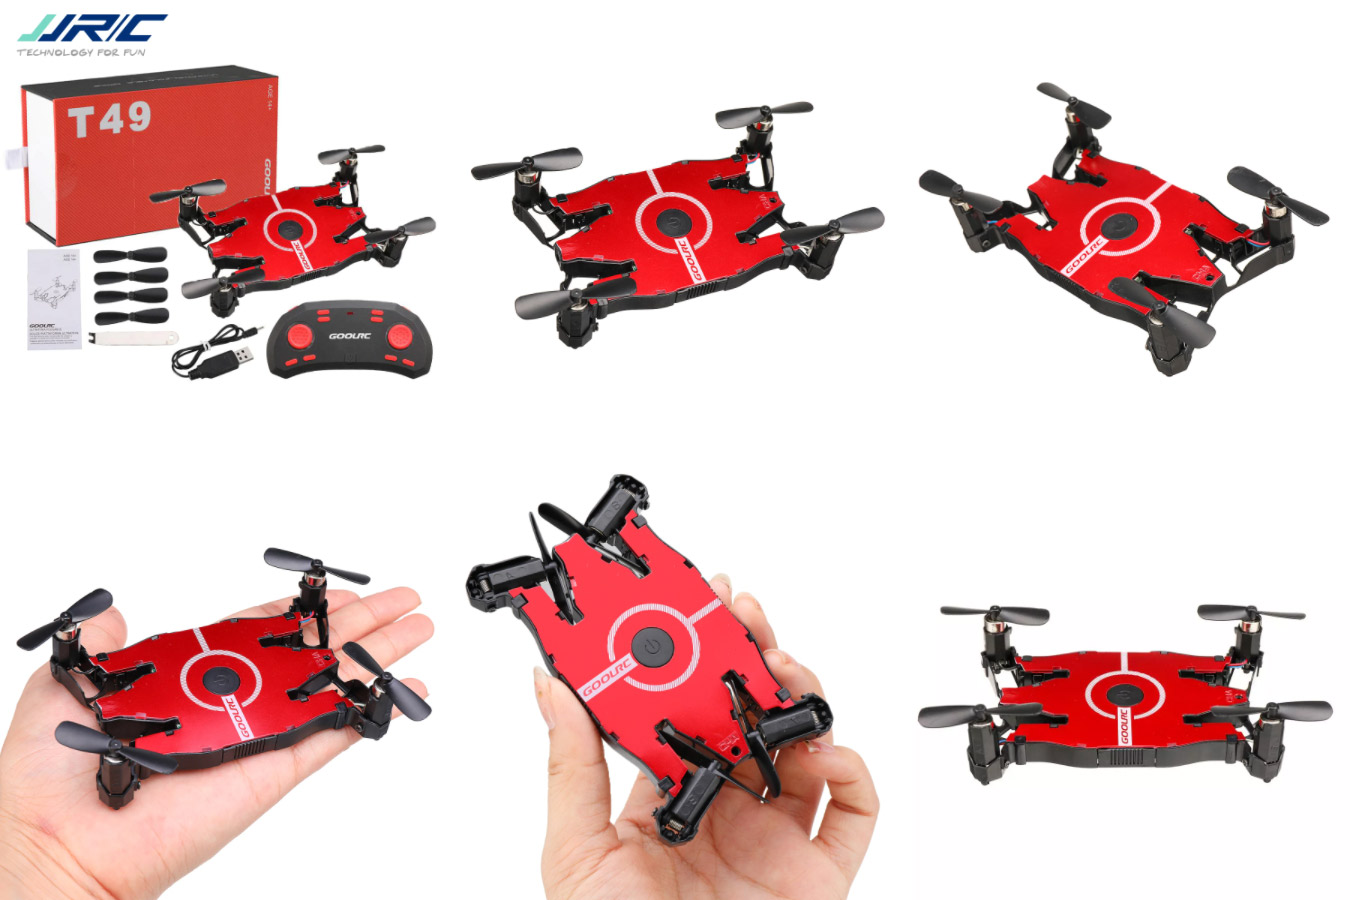 Ультратонкий миниатюрный квадрокоптер